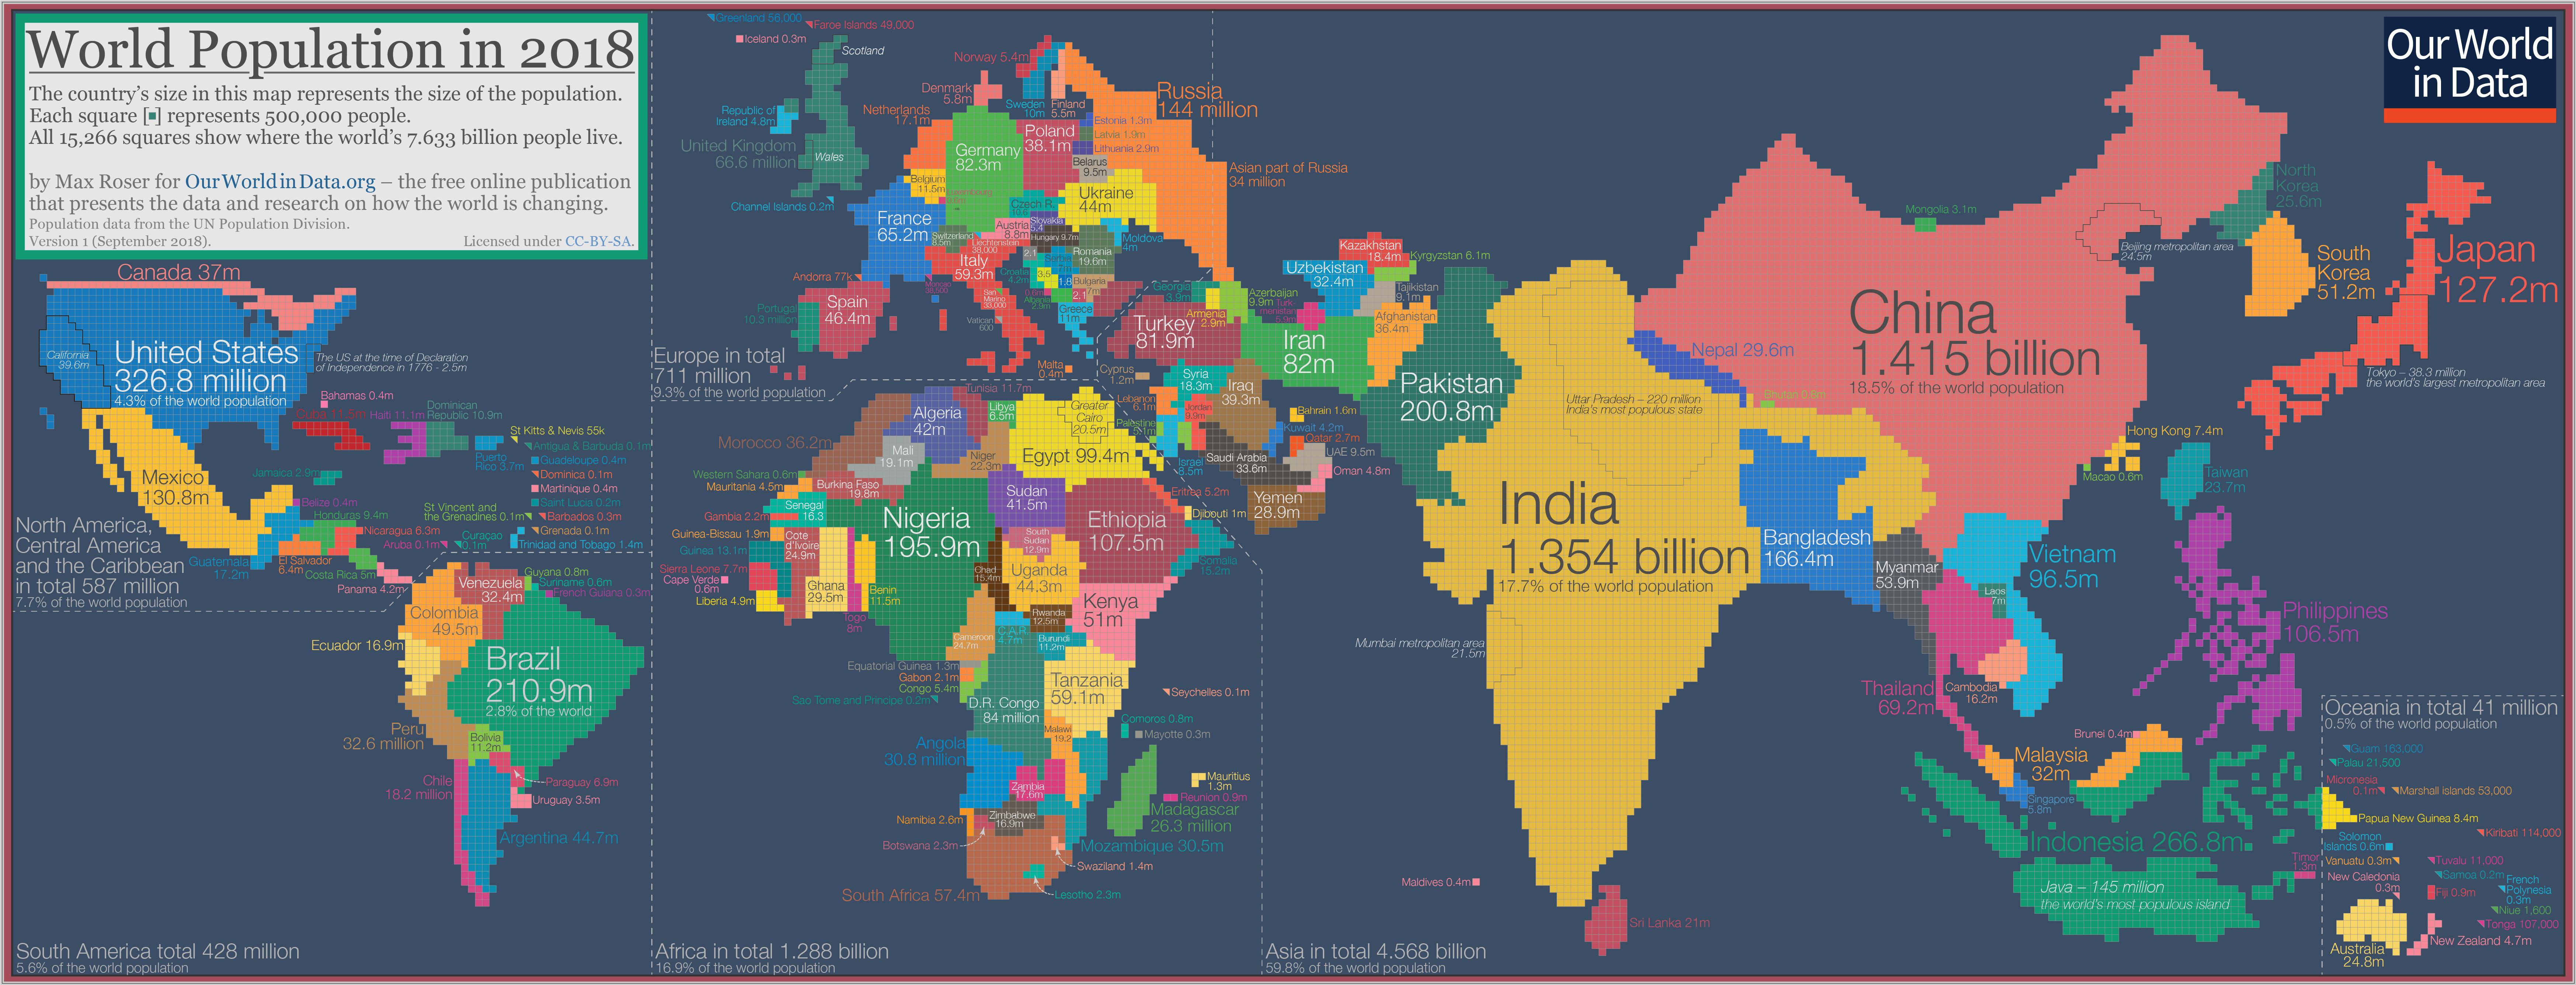 Эта карта изменит ваше восприятие мира. Вы только задумайтесь...